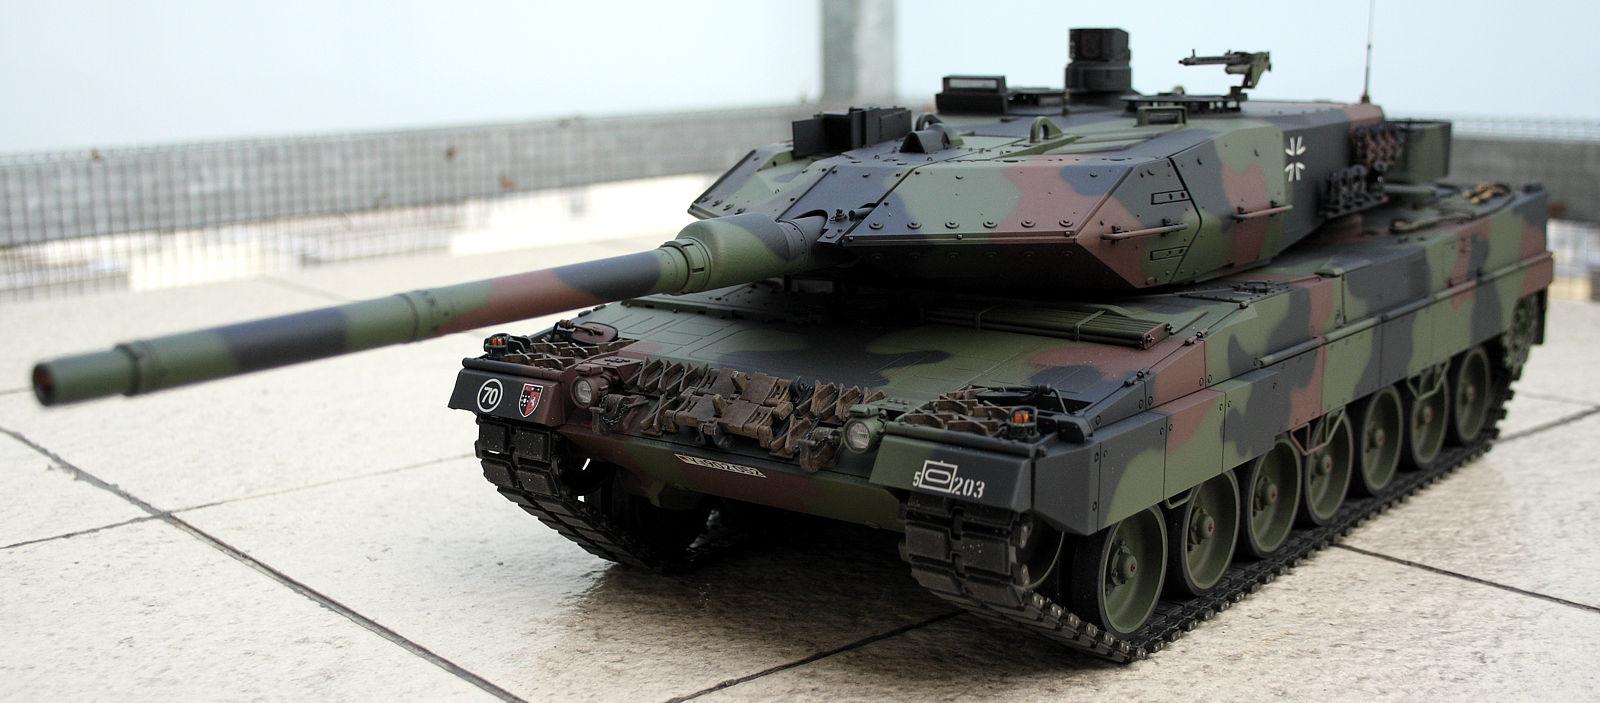 Leopard 2A7V